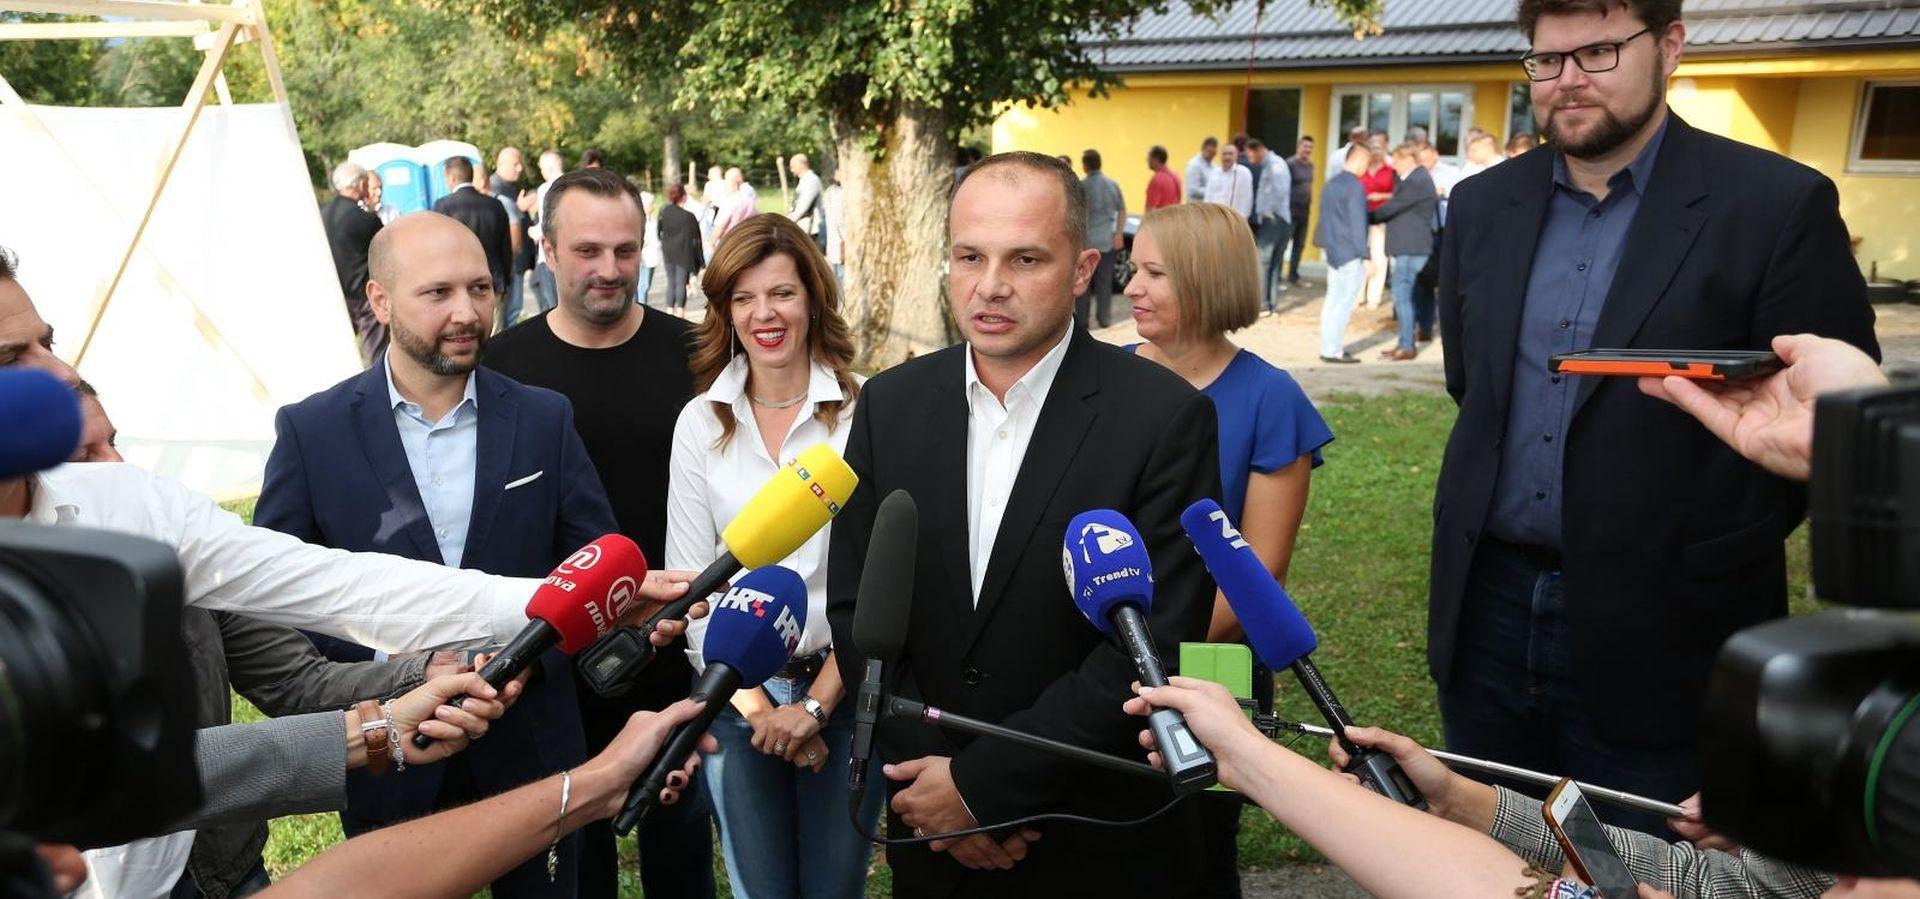 """HAJDAŠ DONČIĆ """"Grbin odličnorješenjeza upravljanje Klubom SDP-a"""""""